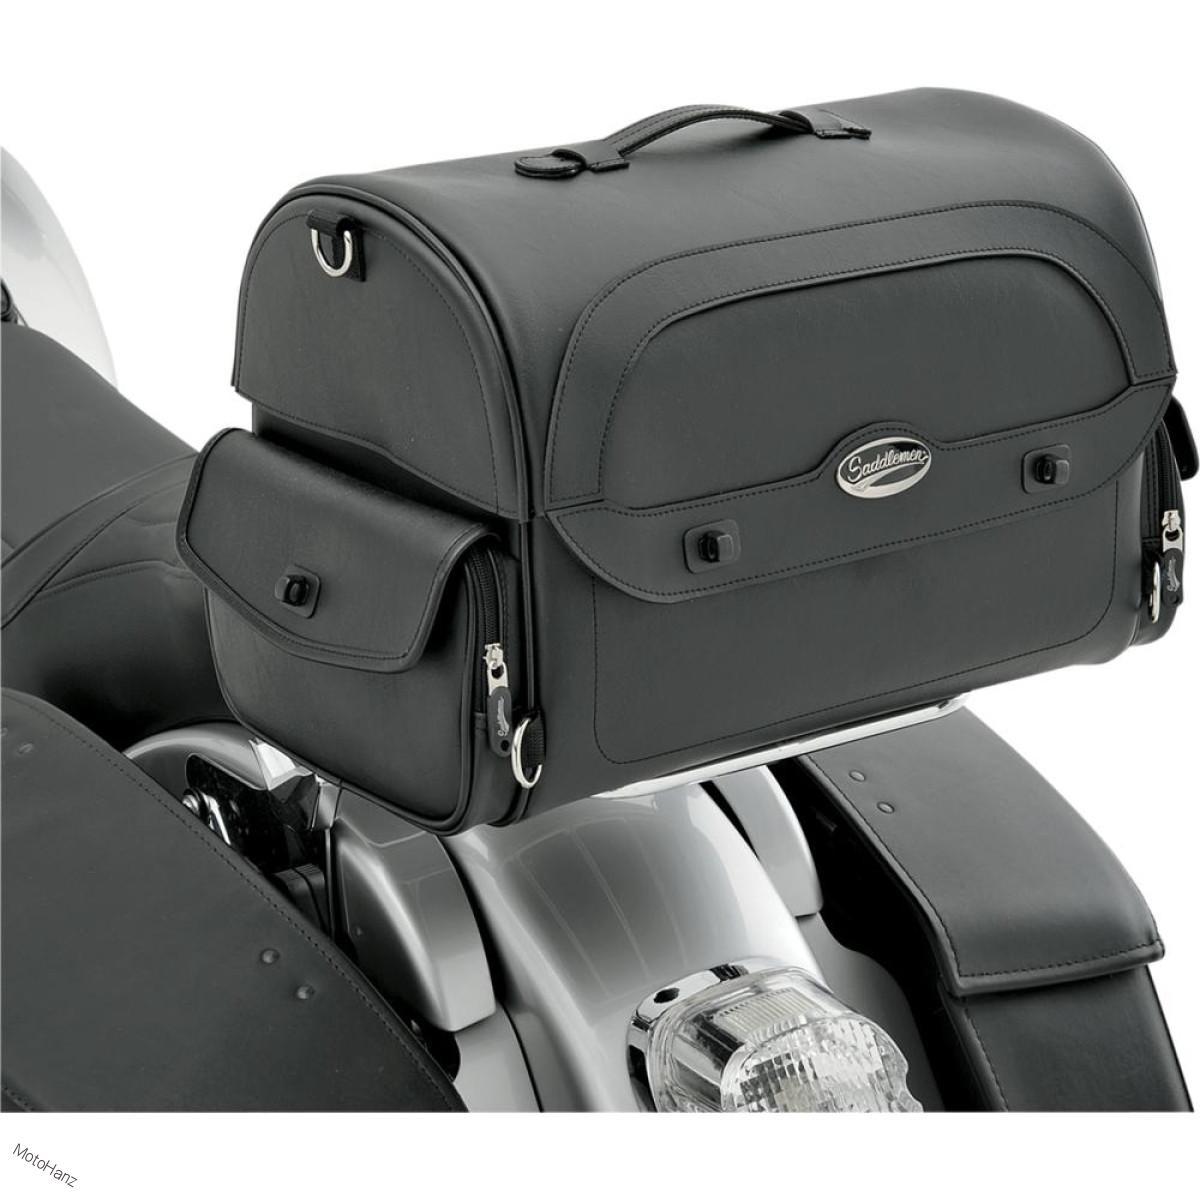 83261fe7a6 Brašna Saddlemen Tail Bag